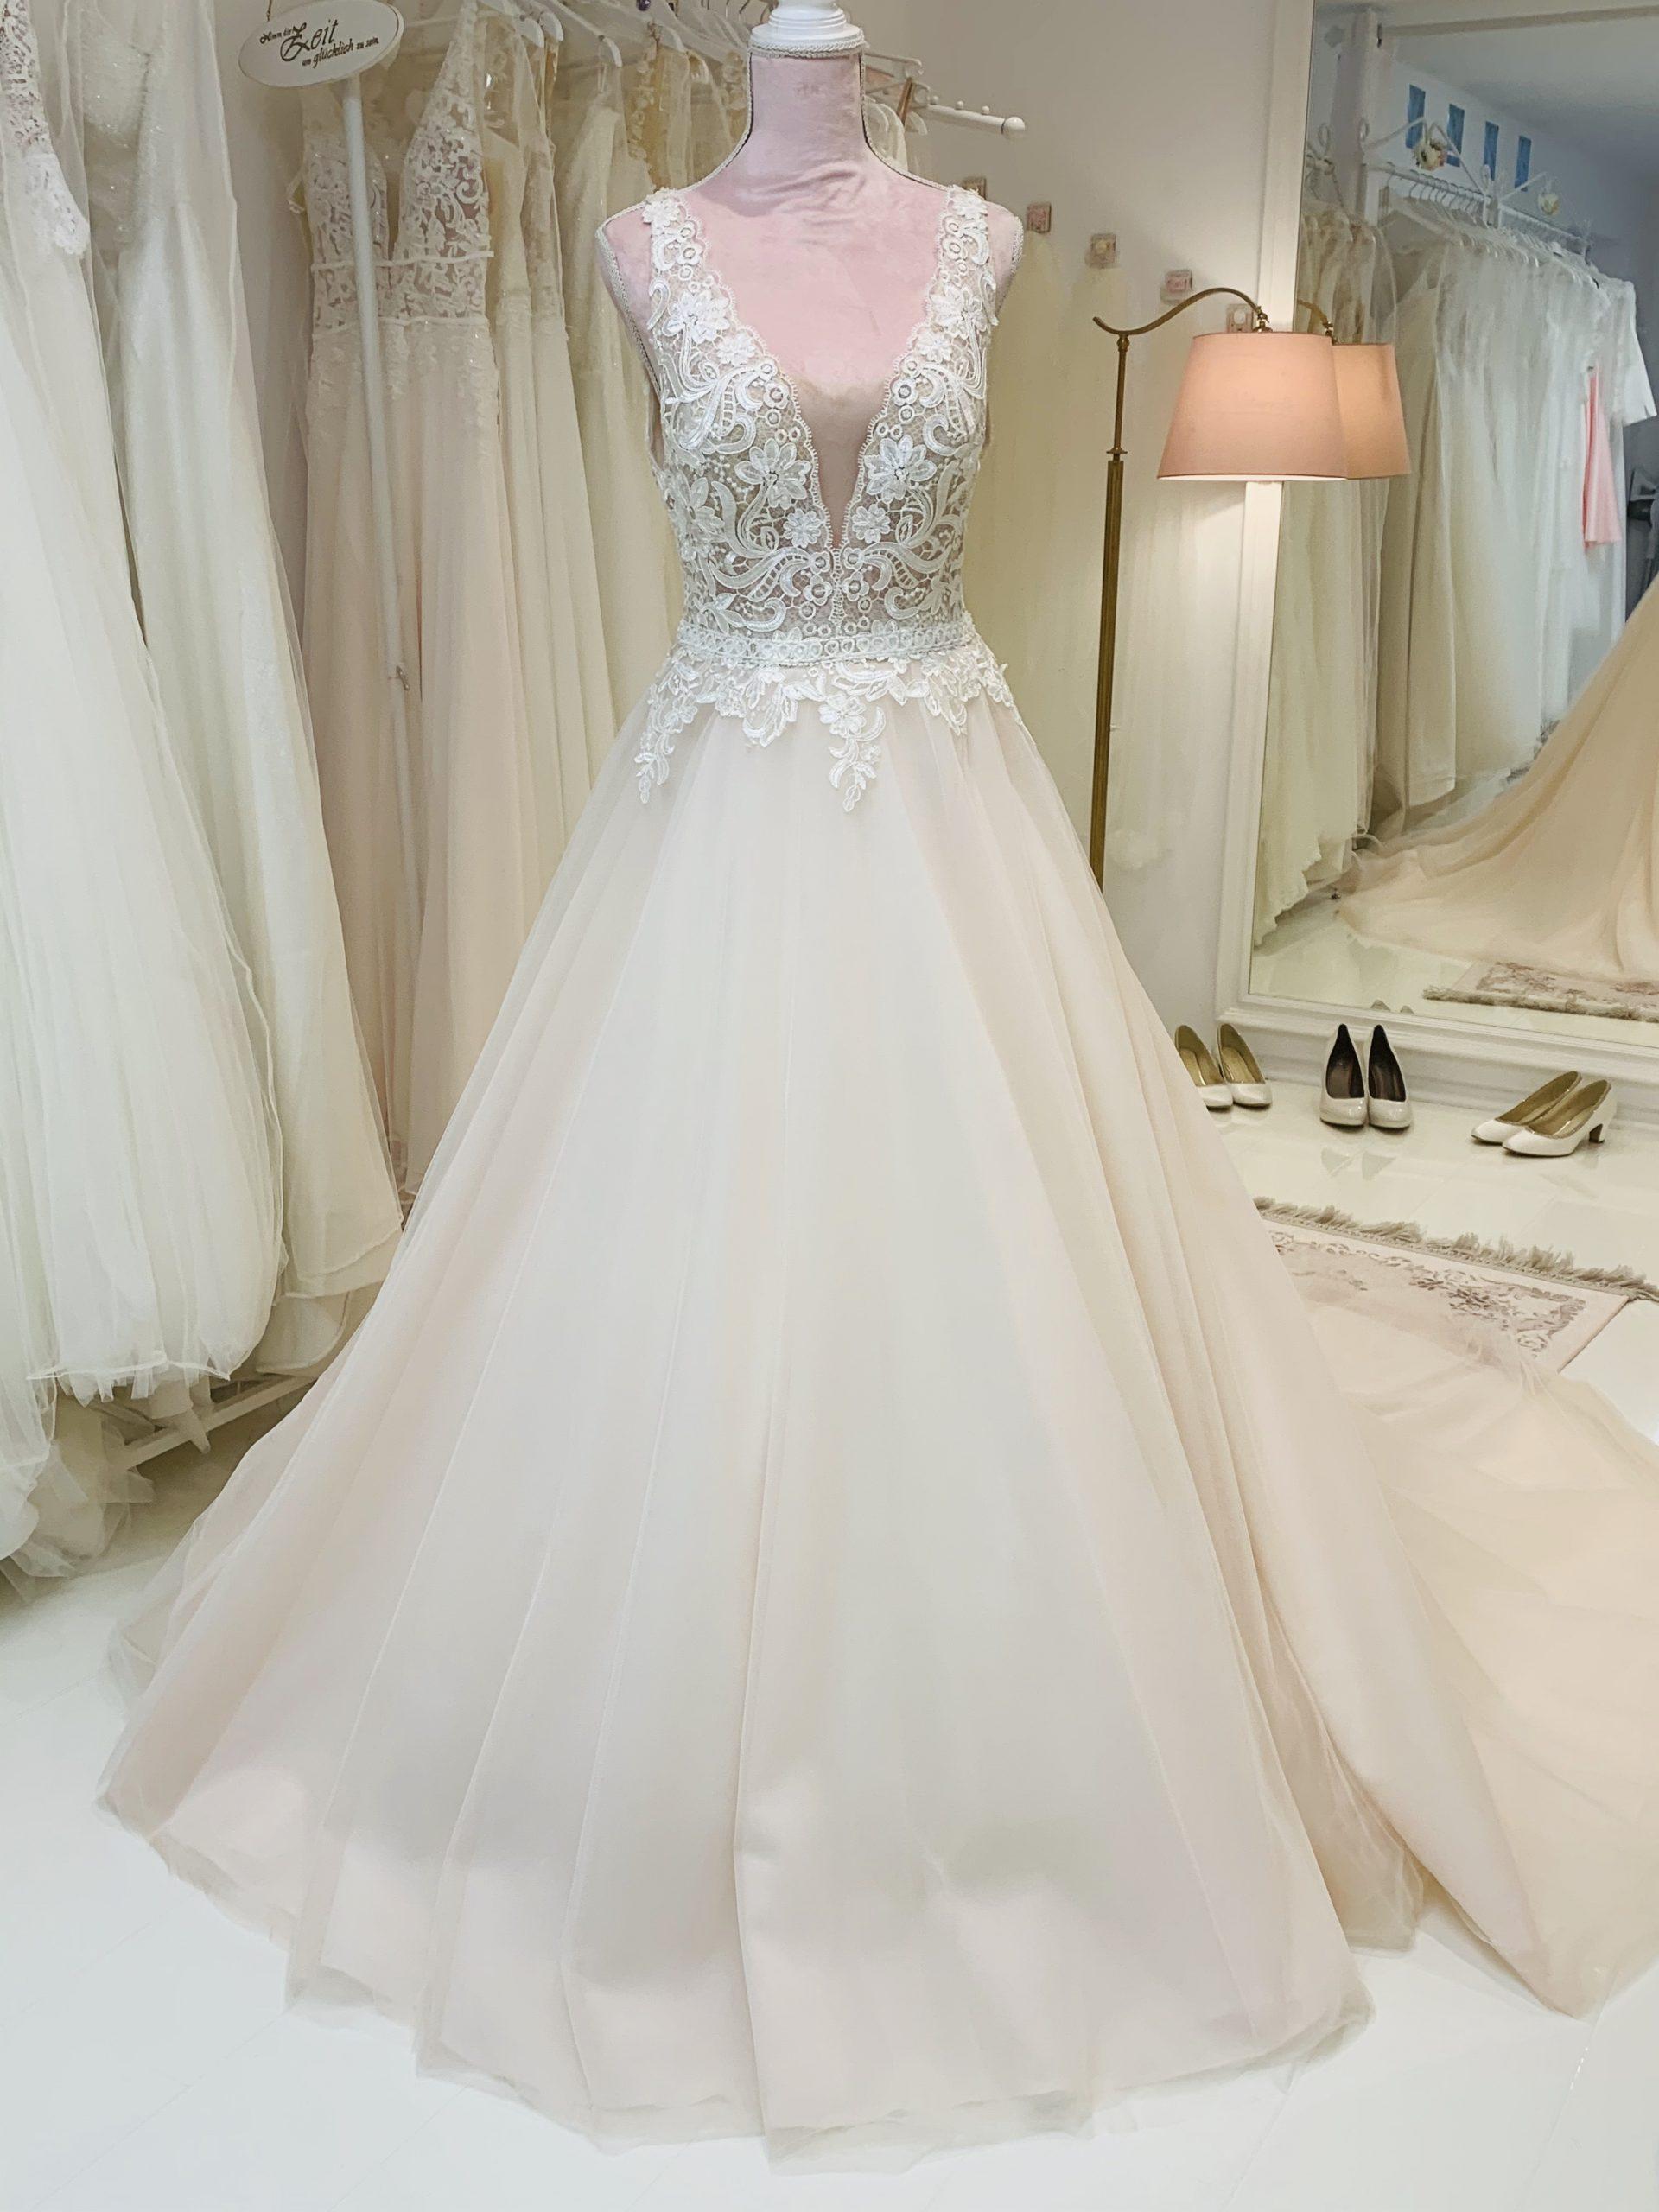 Brautkleid 2 - Vollansicht